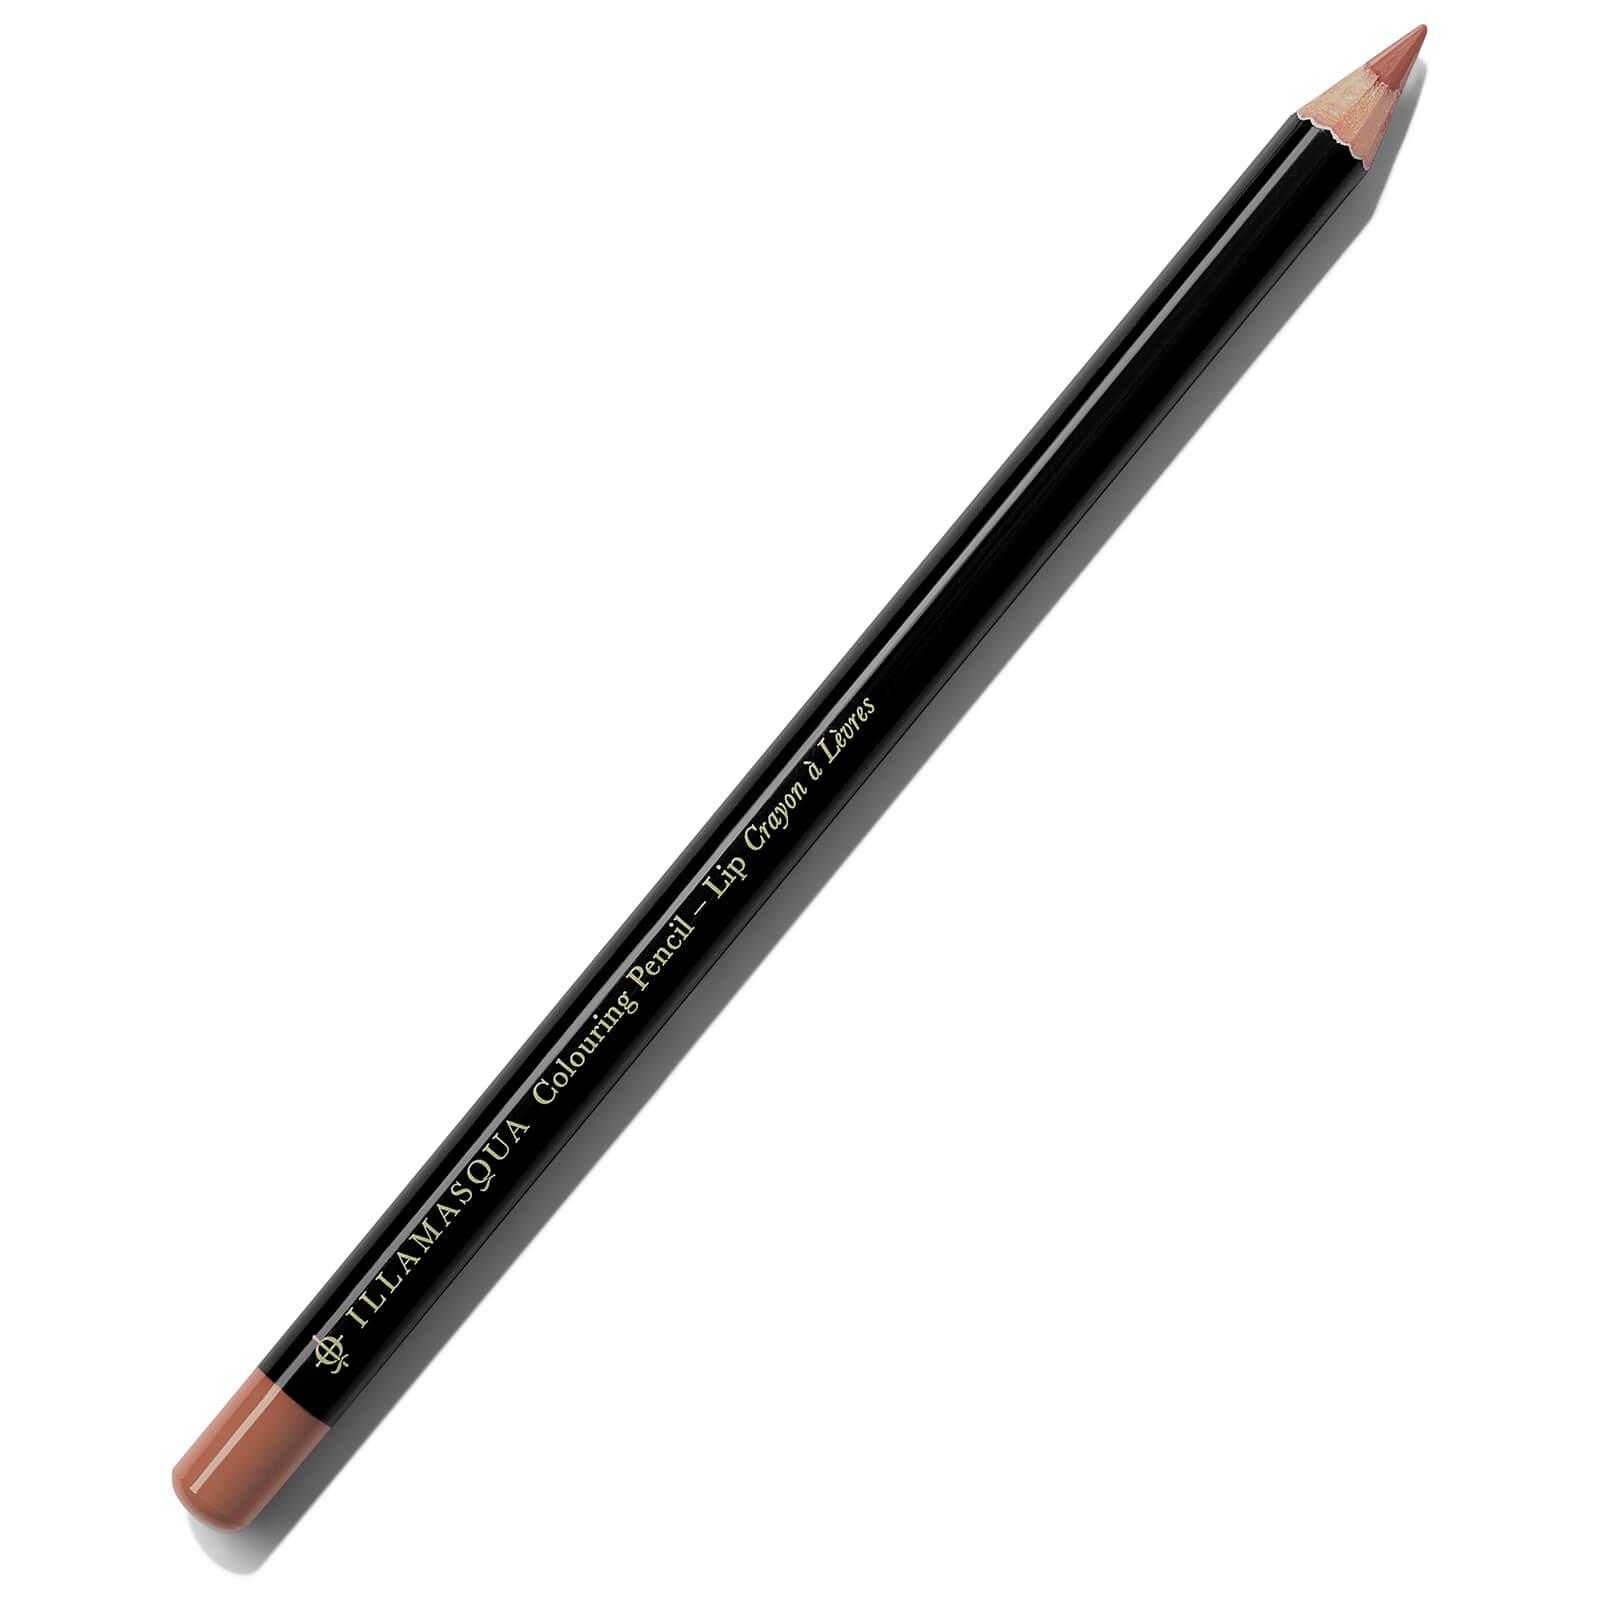 Купить Карандаш для губ Illamasqua Colouring Lip Pencil 1, 4 г (различные оттенки) - Raw